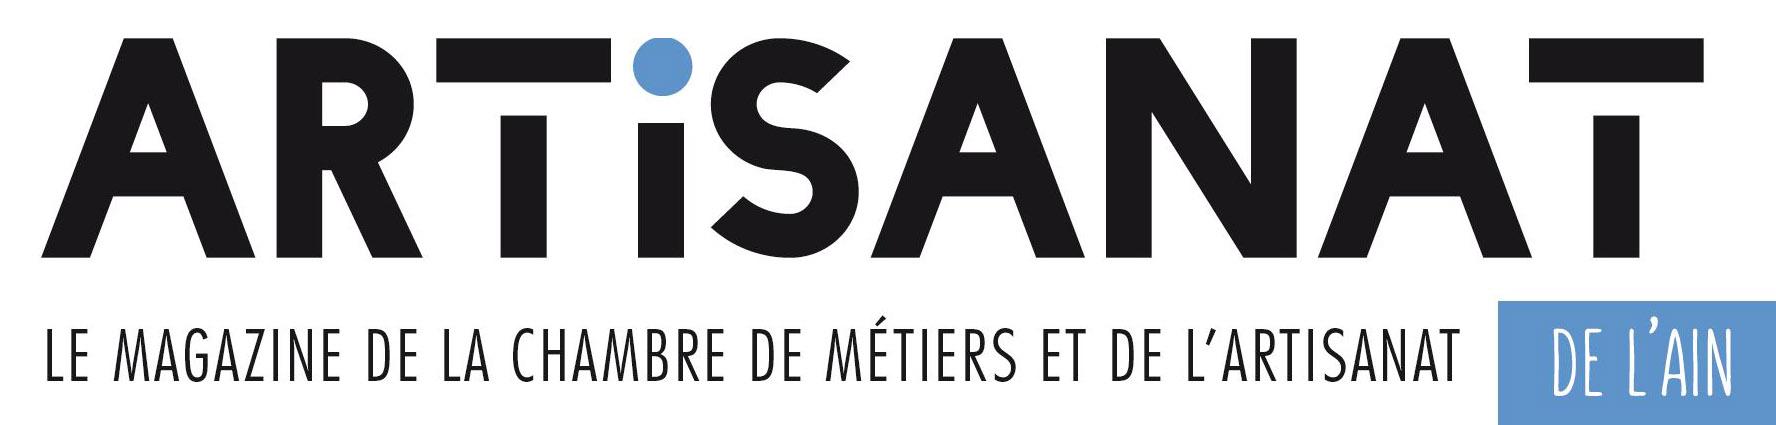 ARTISANAT, la revue de la Chambre de Métiers et de l'Artisanat de l'Ain